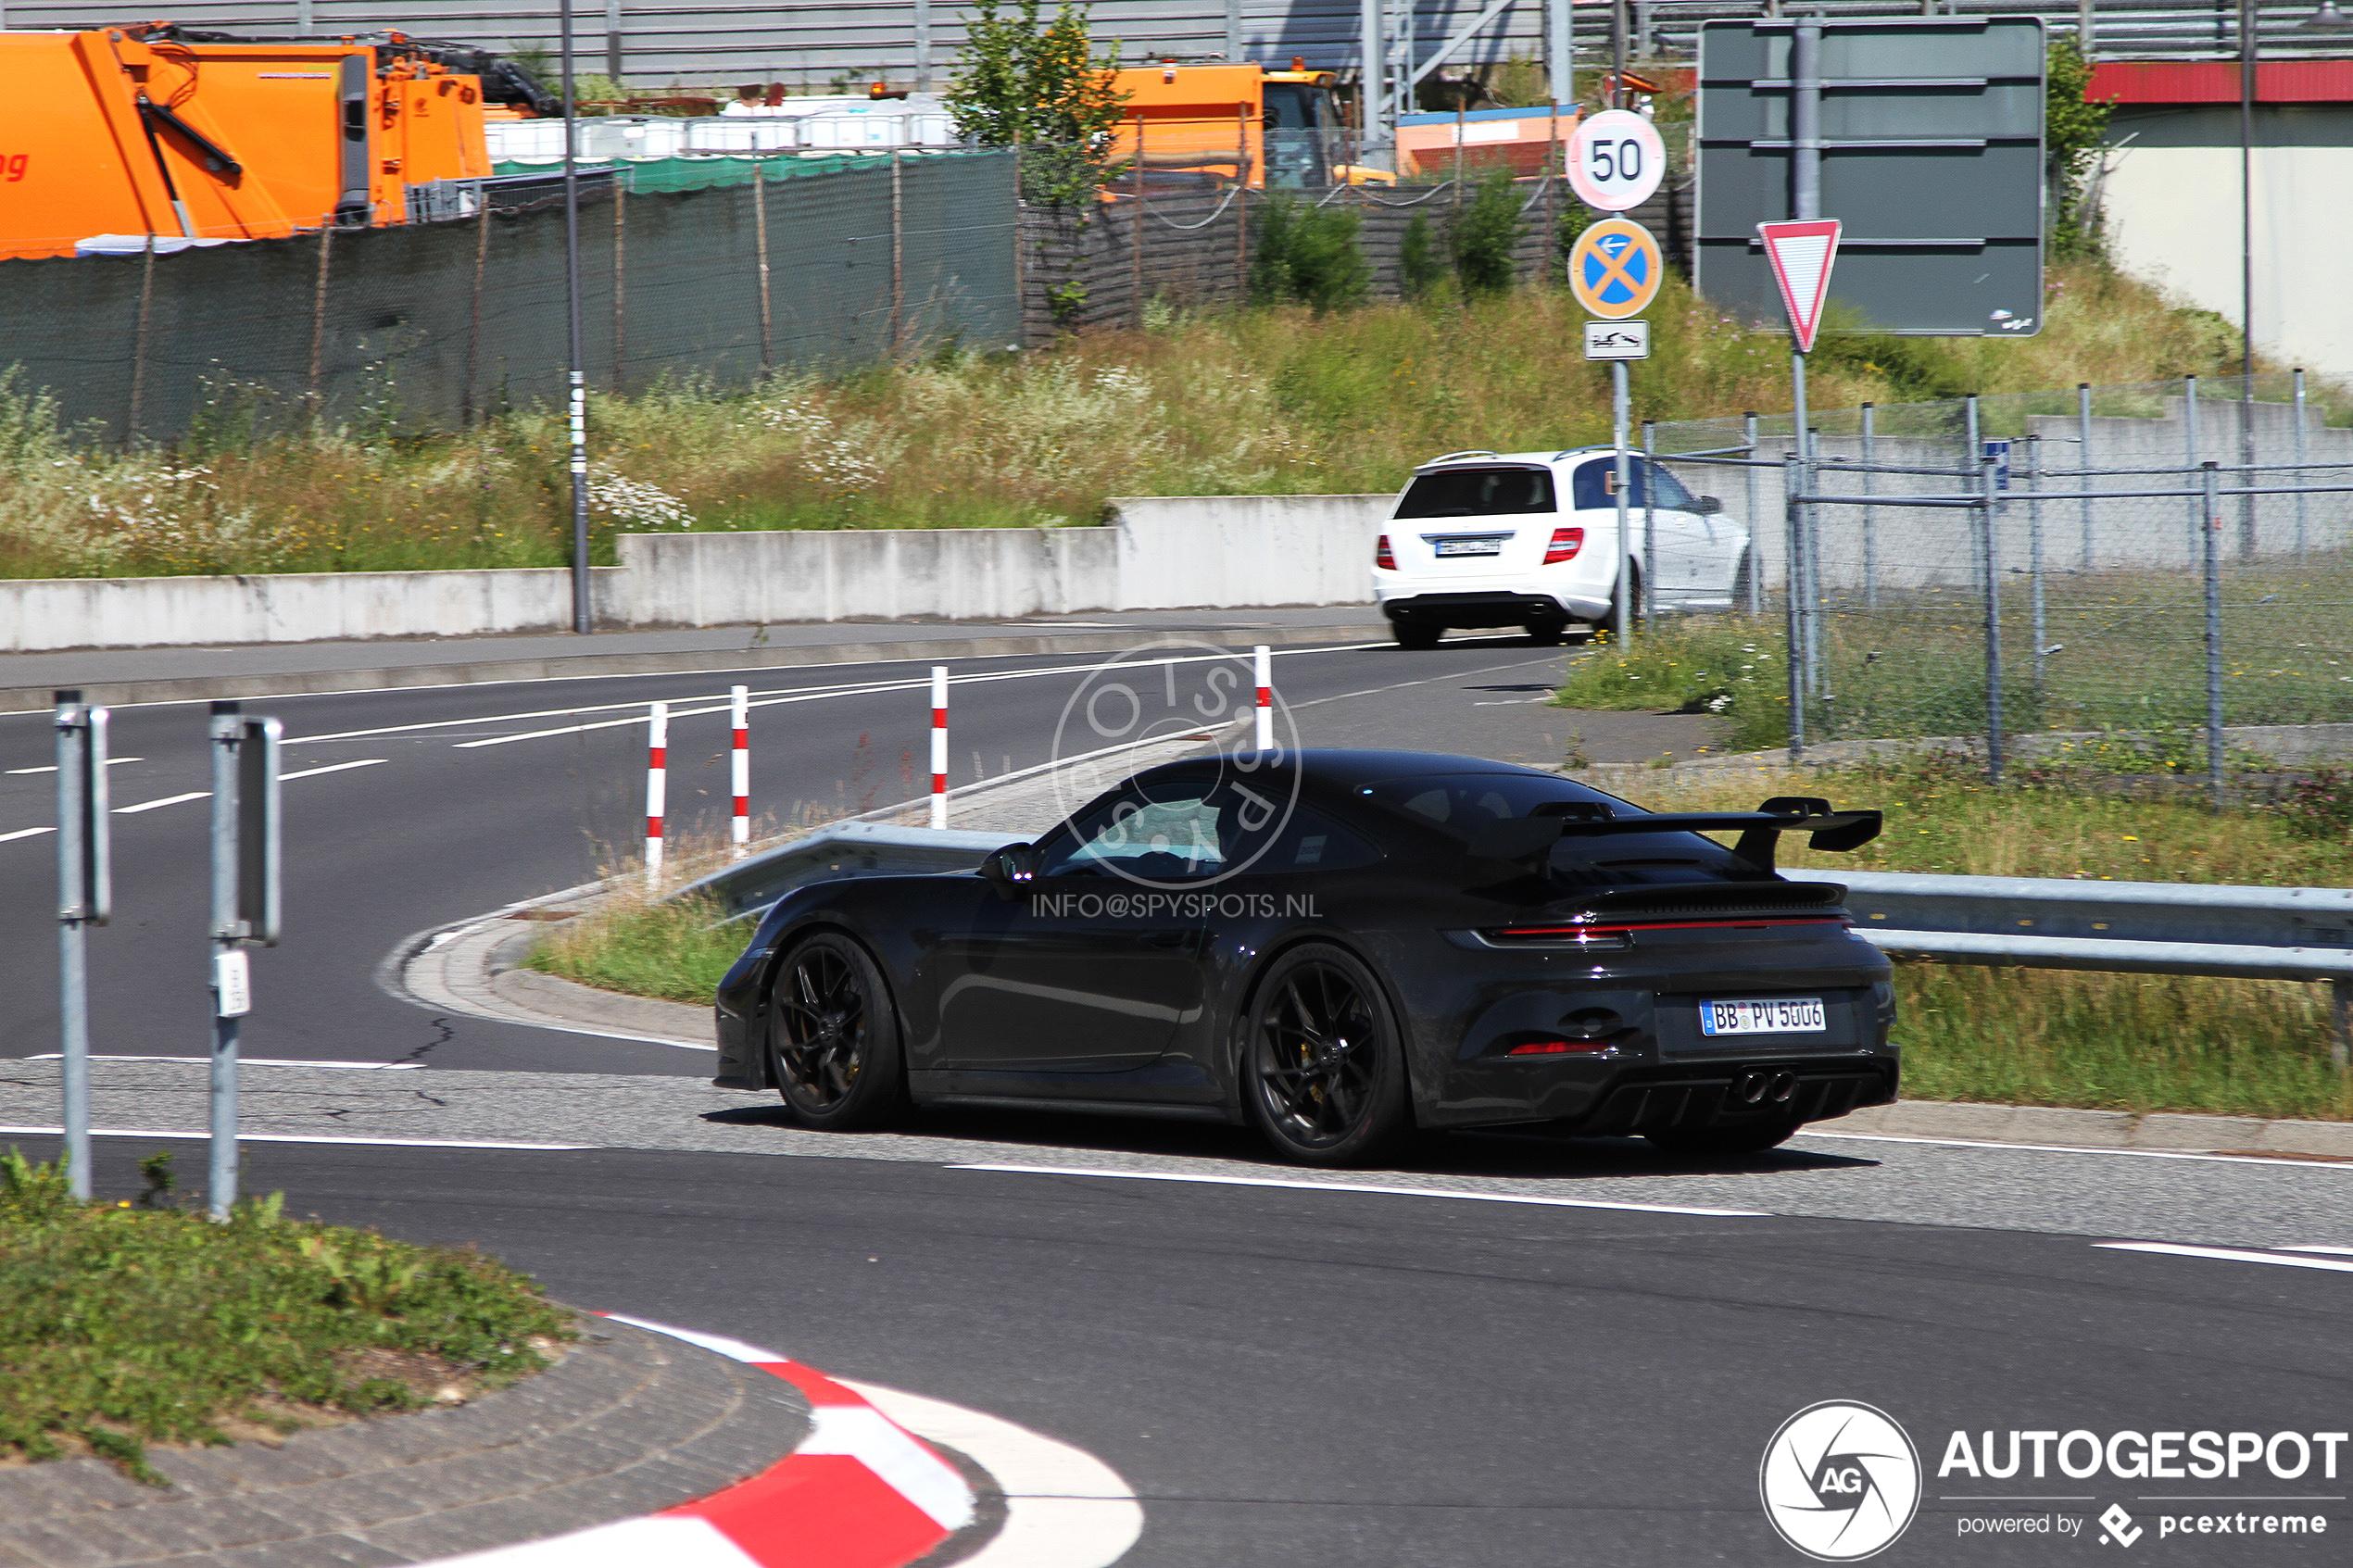 2019 Porsche 911 (992) 19